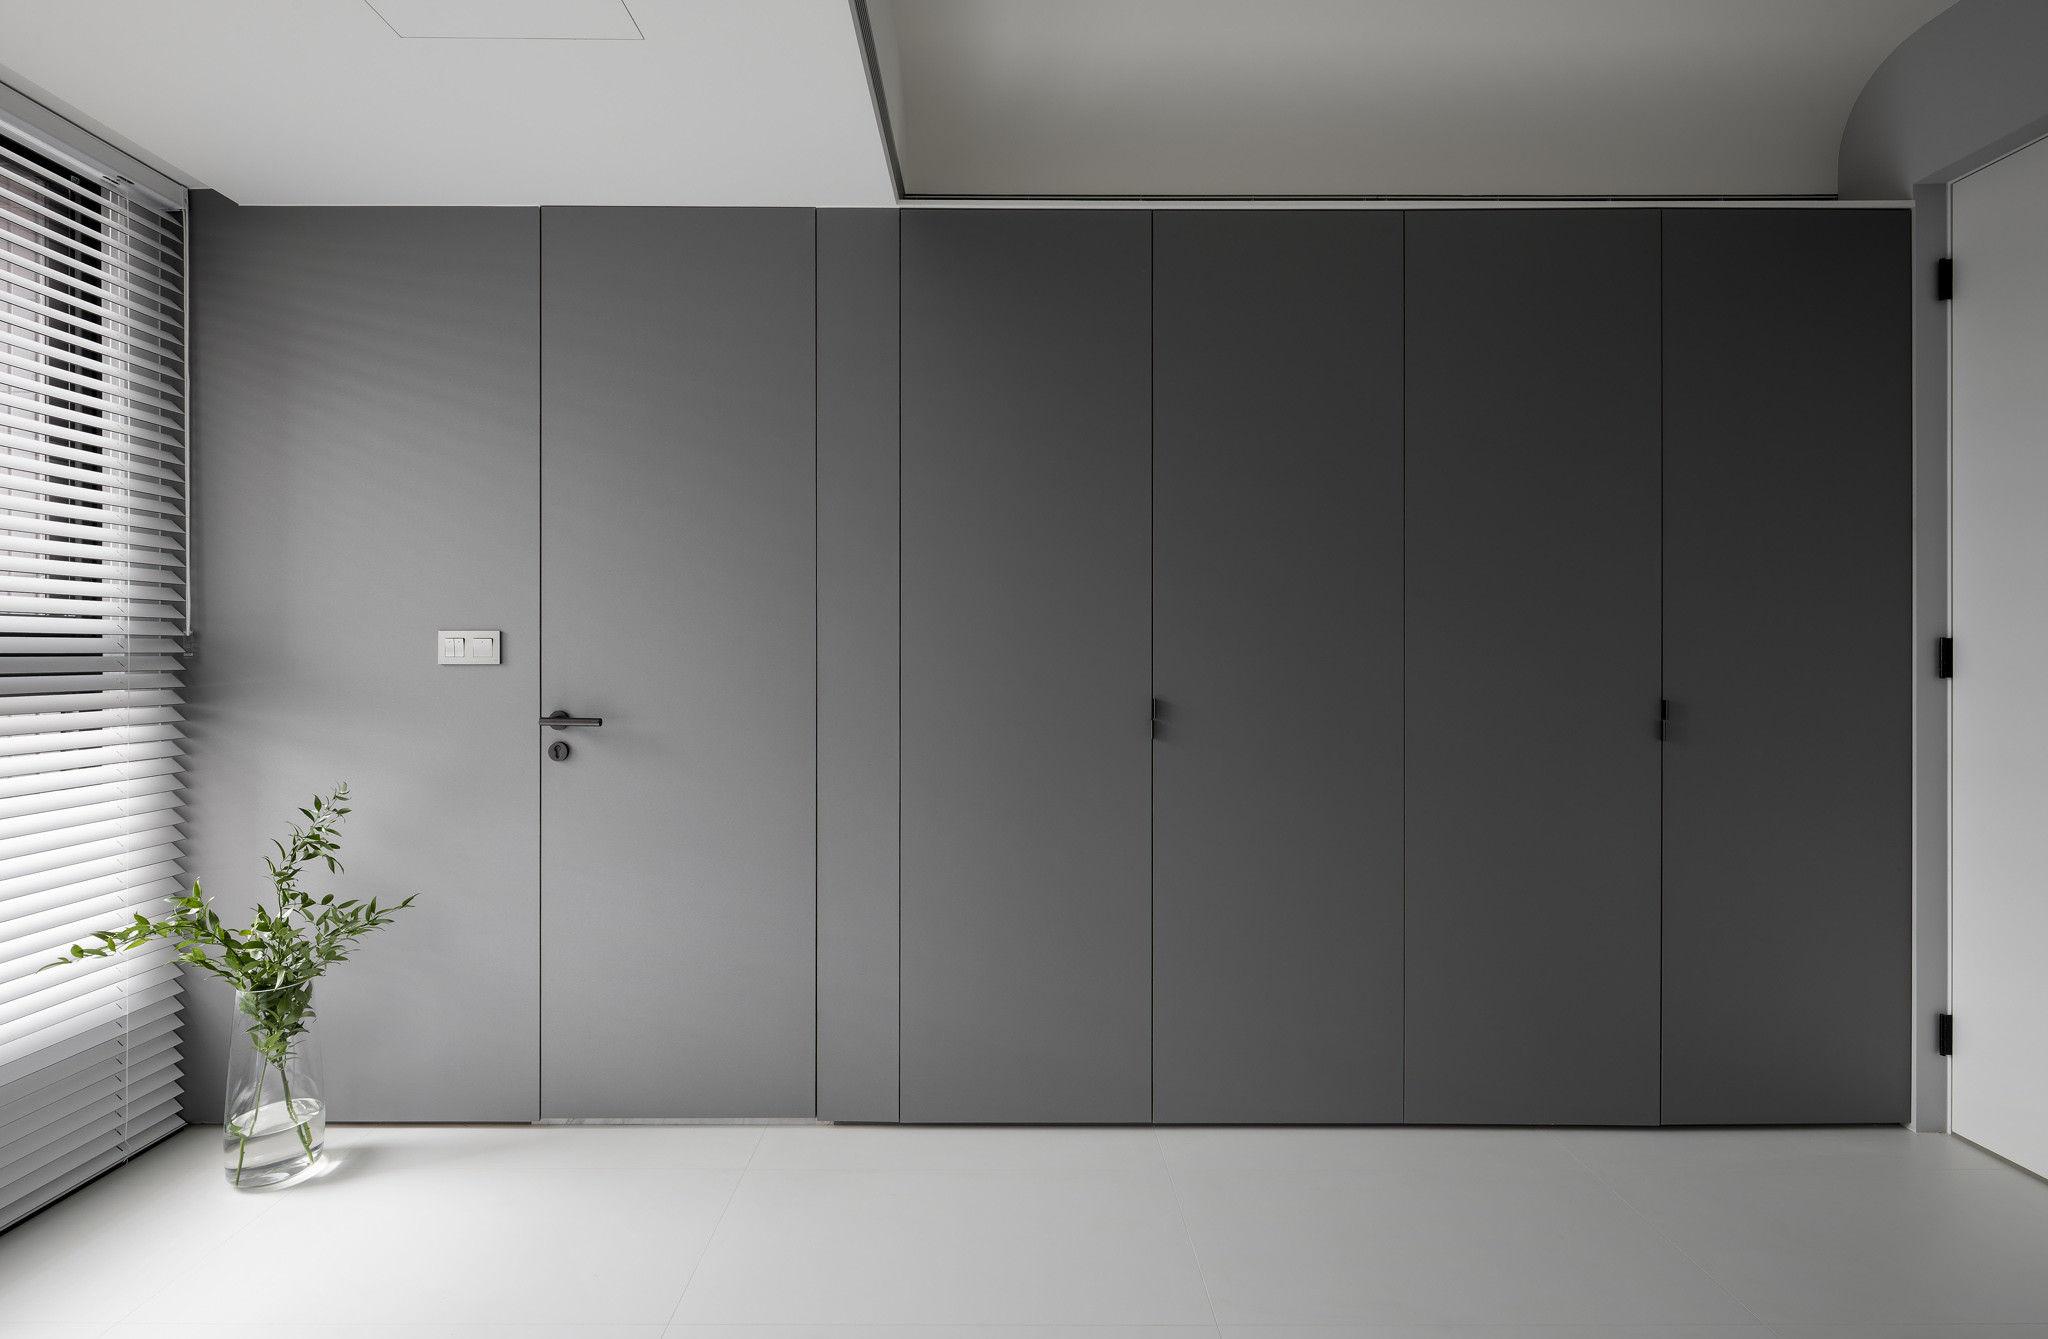 分子室內裝修設計-現代極簡風、台中室內裝修、室內設計、收納衣櫃、純白色、霧灰色